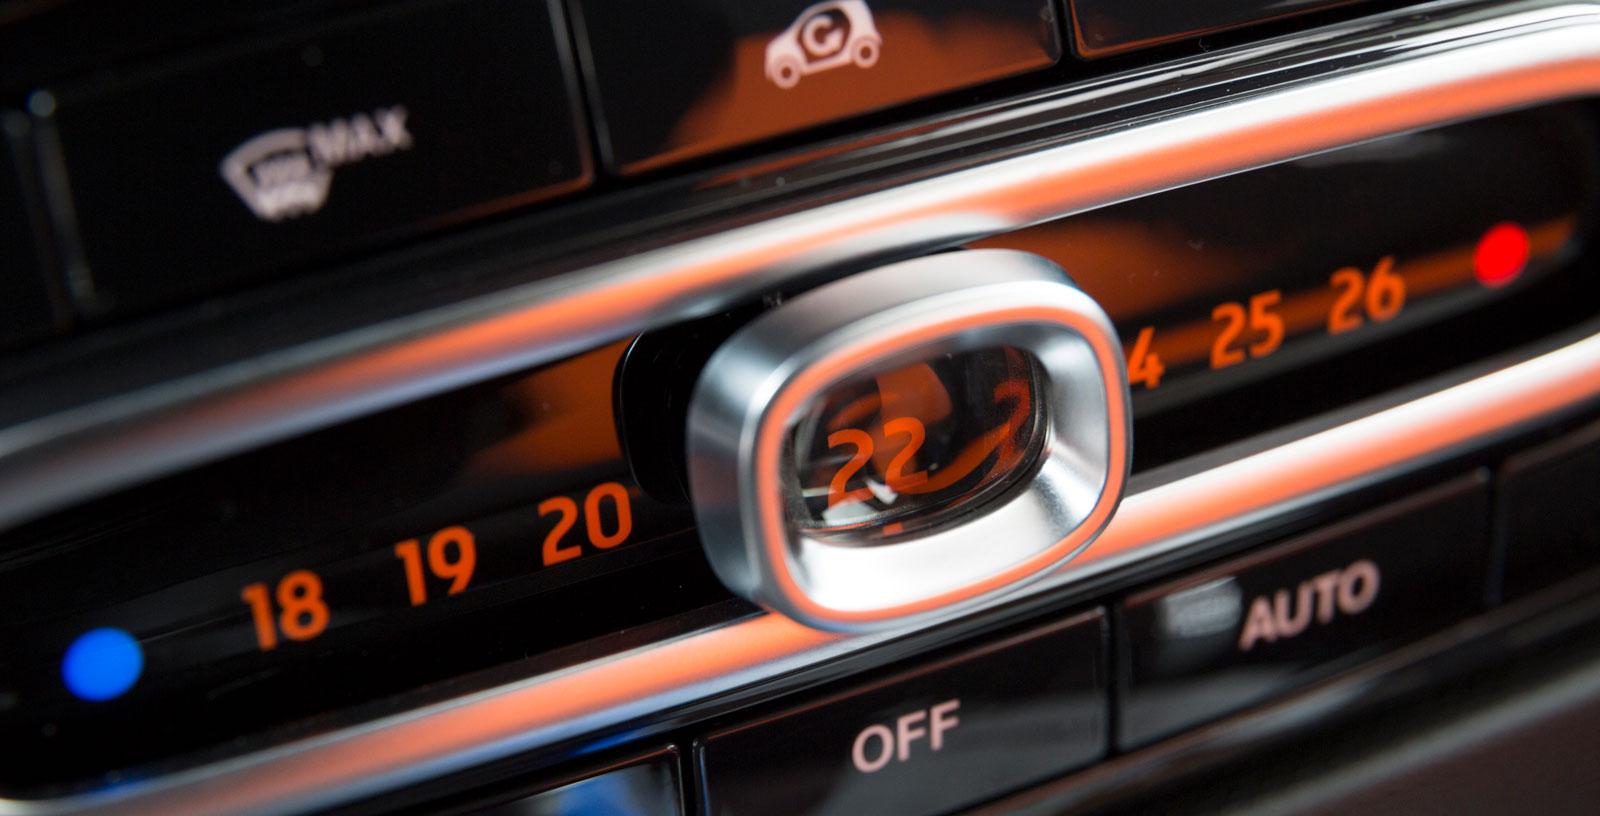 Forfour har ett smart reglage i klimatanläggningen. Skjutreglaget för inställning av temperatur innehåller ett litet förstoringsglas. Klimat- och ljudpaketet i testbilen är ett tillval som kostar 7900 kronor. Men det är en lyx man gärna vill ha också i en liten bil.